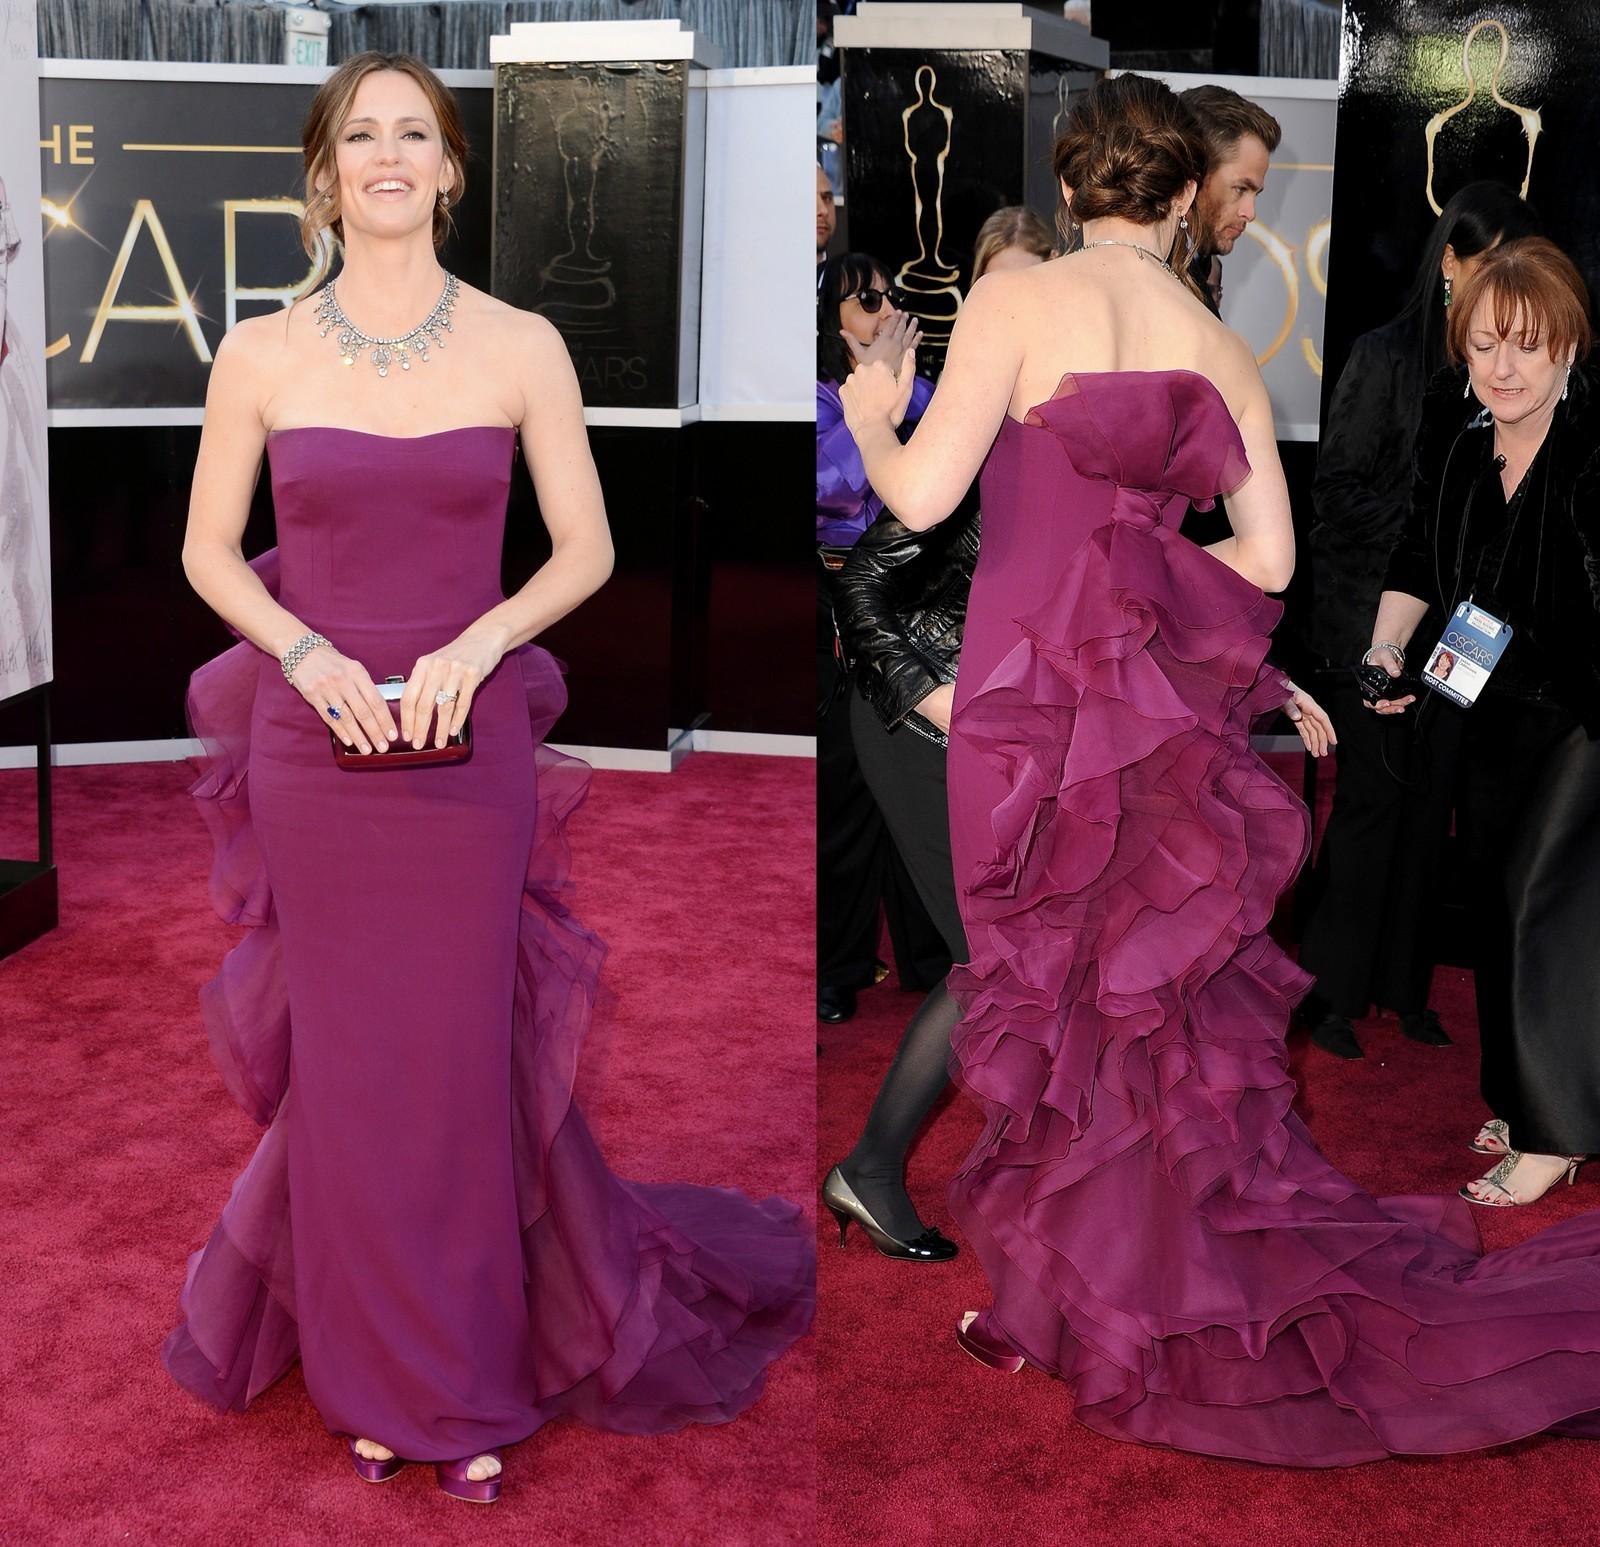 Jennifer Garner Oscars 2013